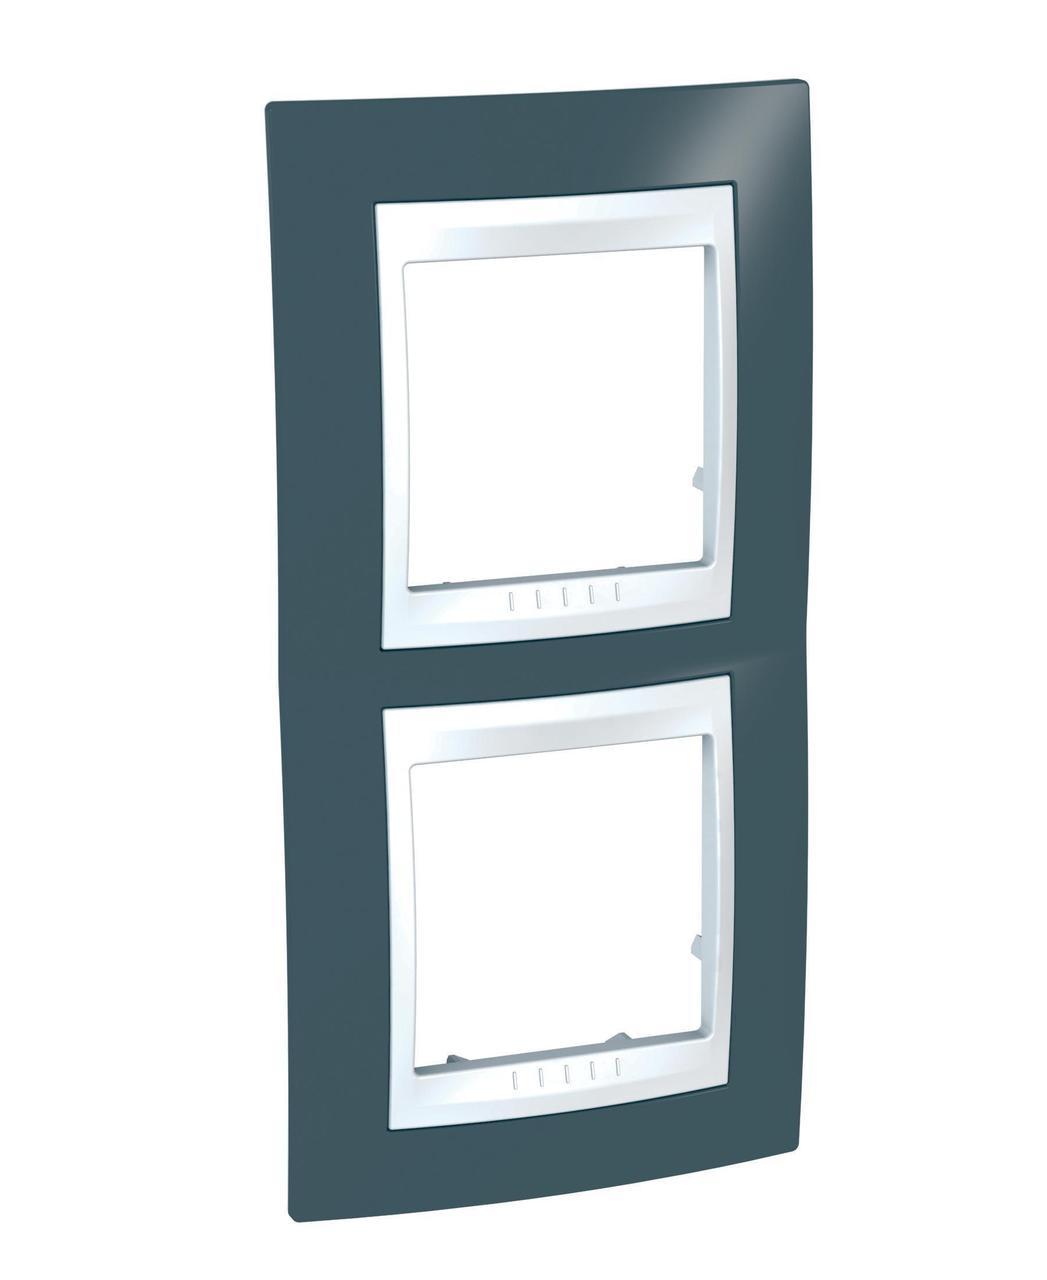 Рамка 2-ая (двойная) вертикальная, Серо-зеленый/Белый, серия Unica, Schneider Electric